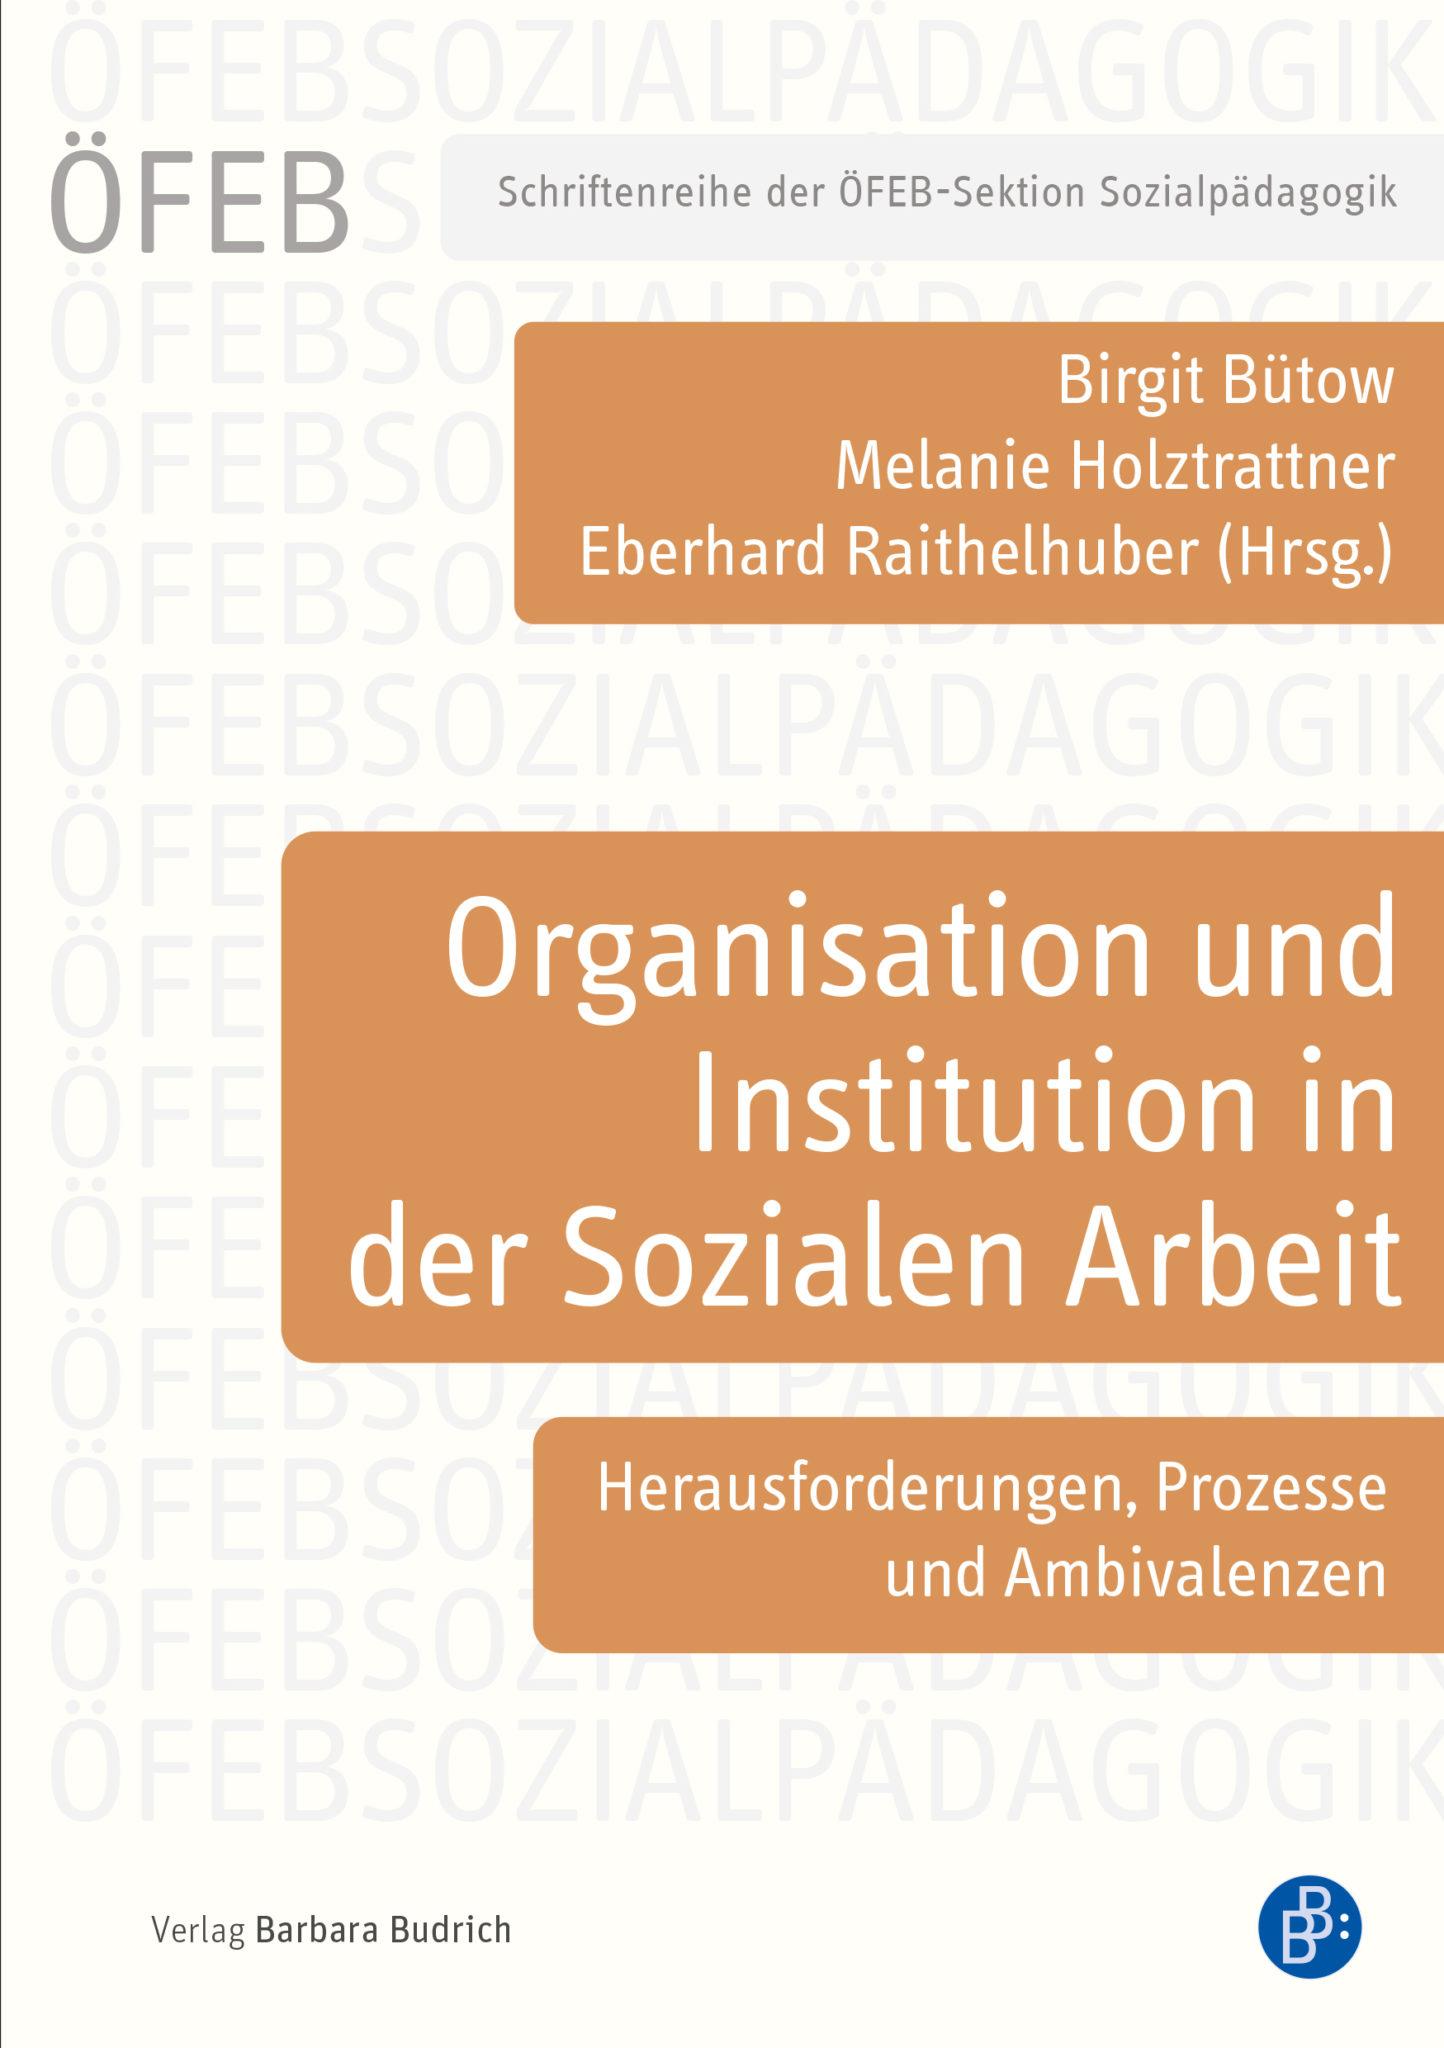 Bütow u.a. (Hrsg.): Organisation und Institution in der Sozialen Arbeit. Herausforderungen, Prozesse und Ambivalenzen. Verlag Barbara Budrich. ED: 25.01.2021